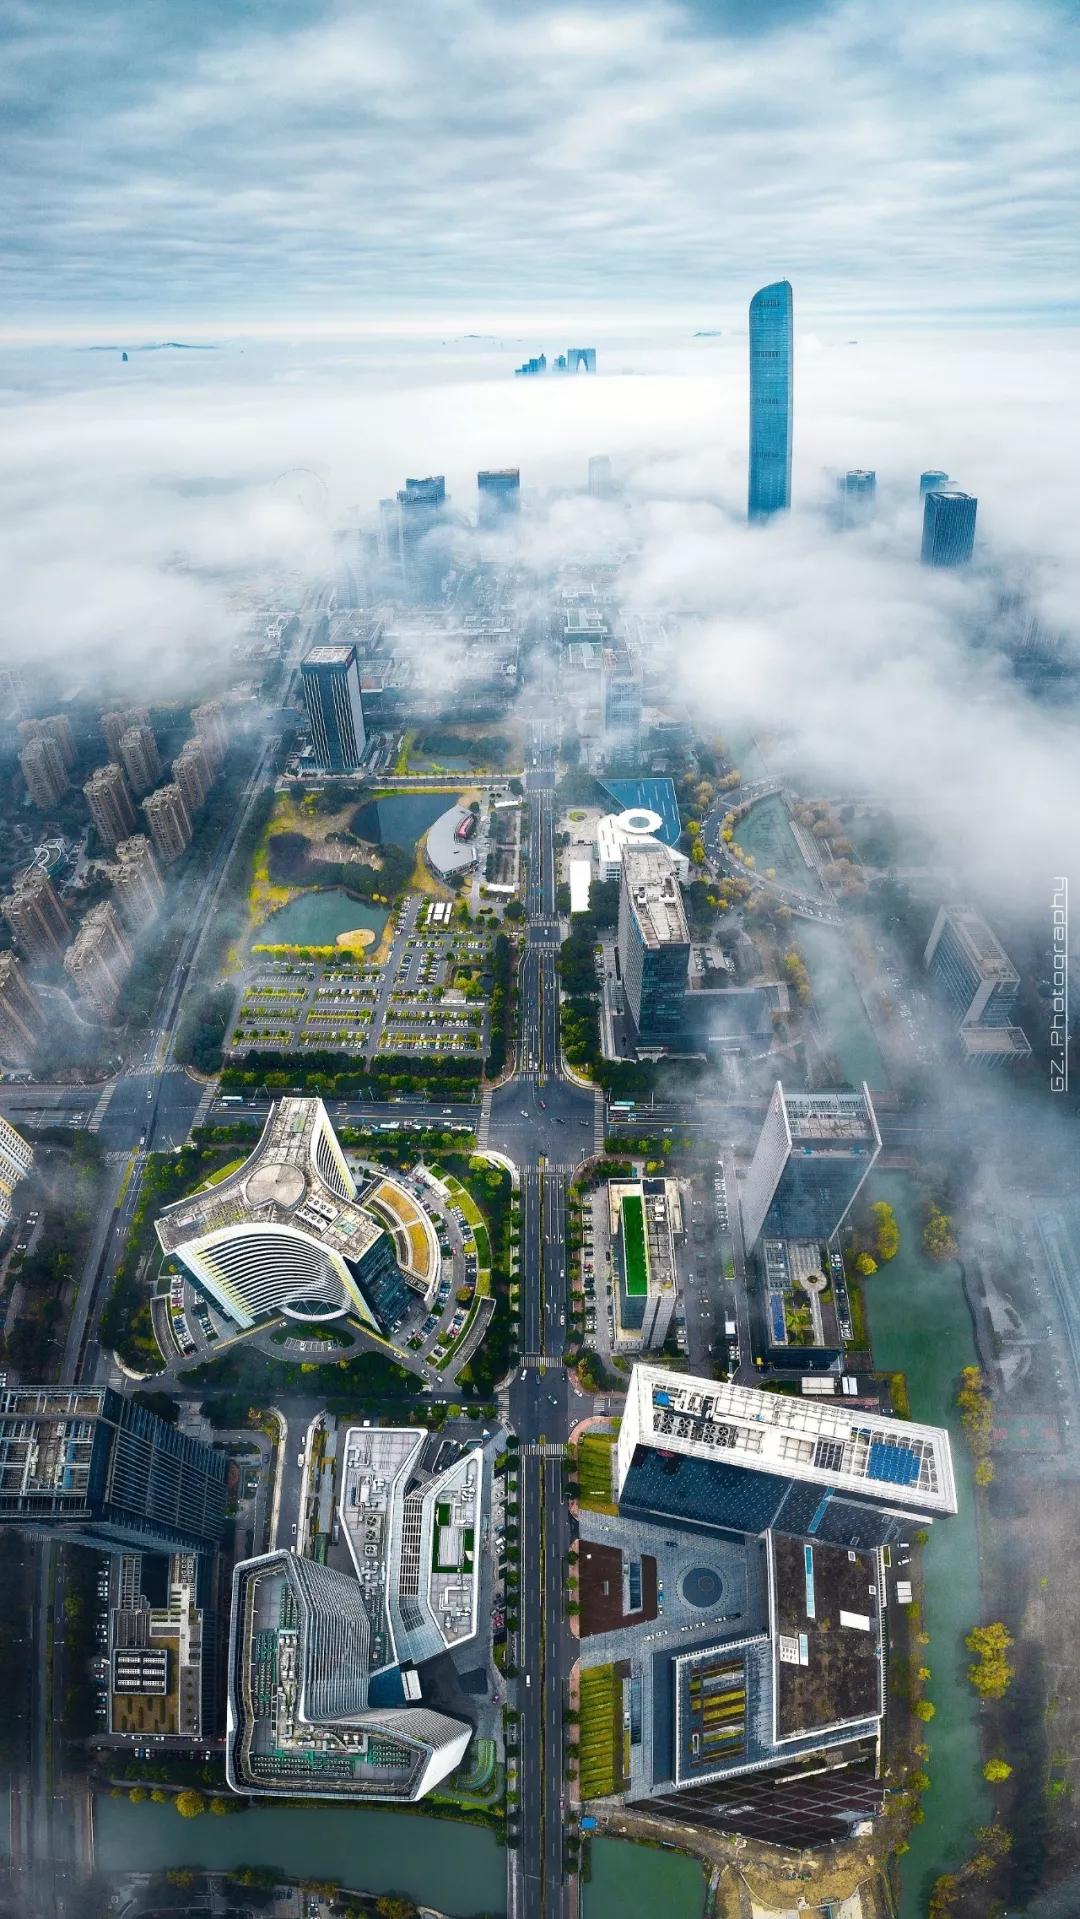 苏州工业园区俯瞰。苏州工业园区发布微信公号 图